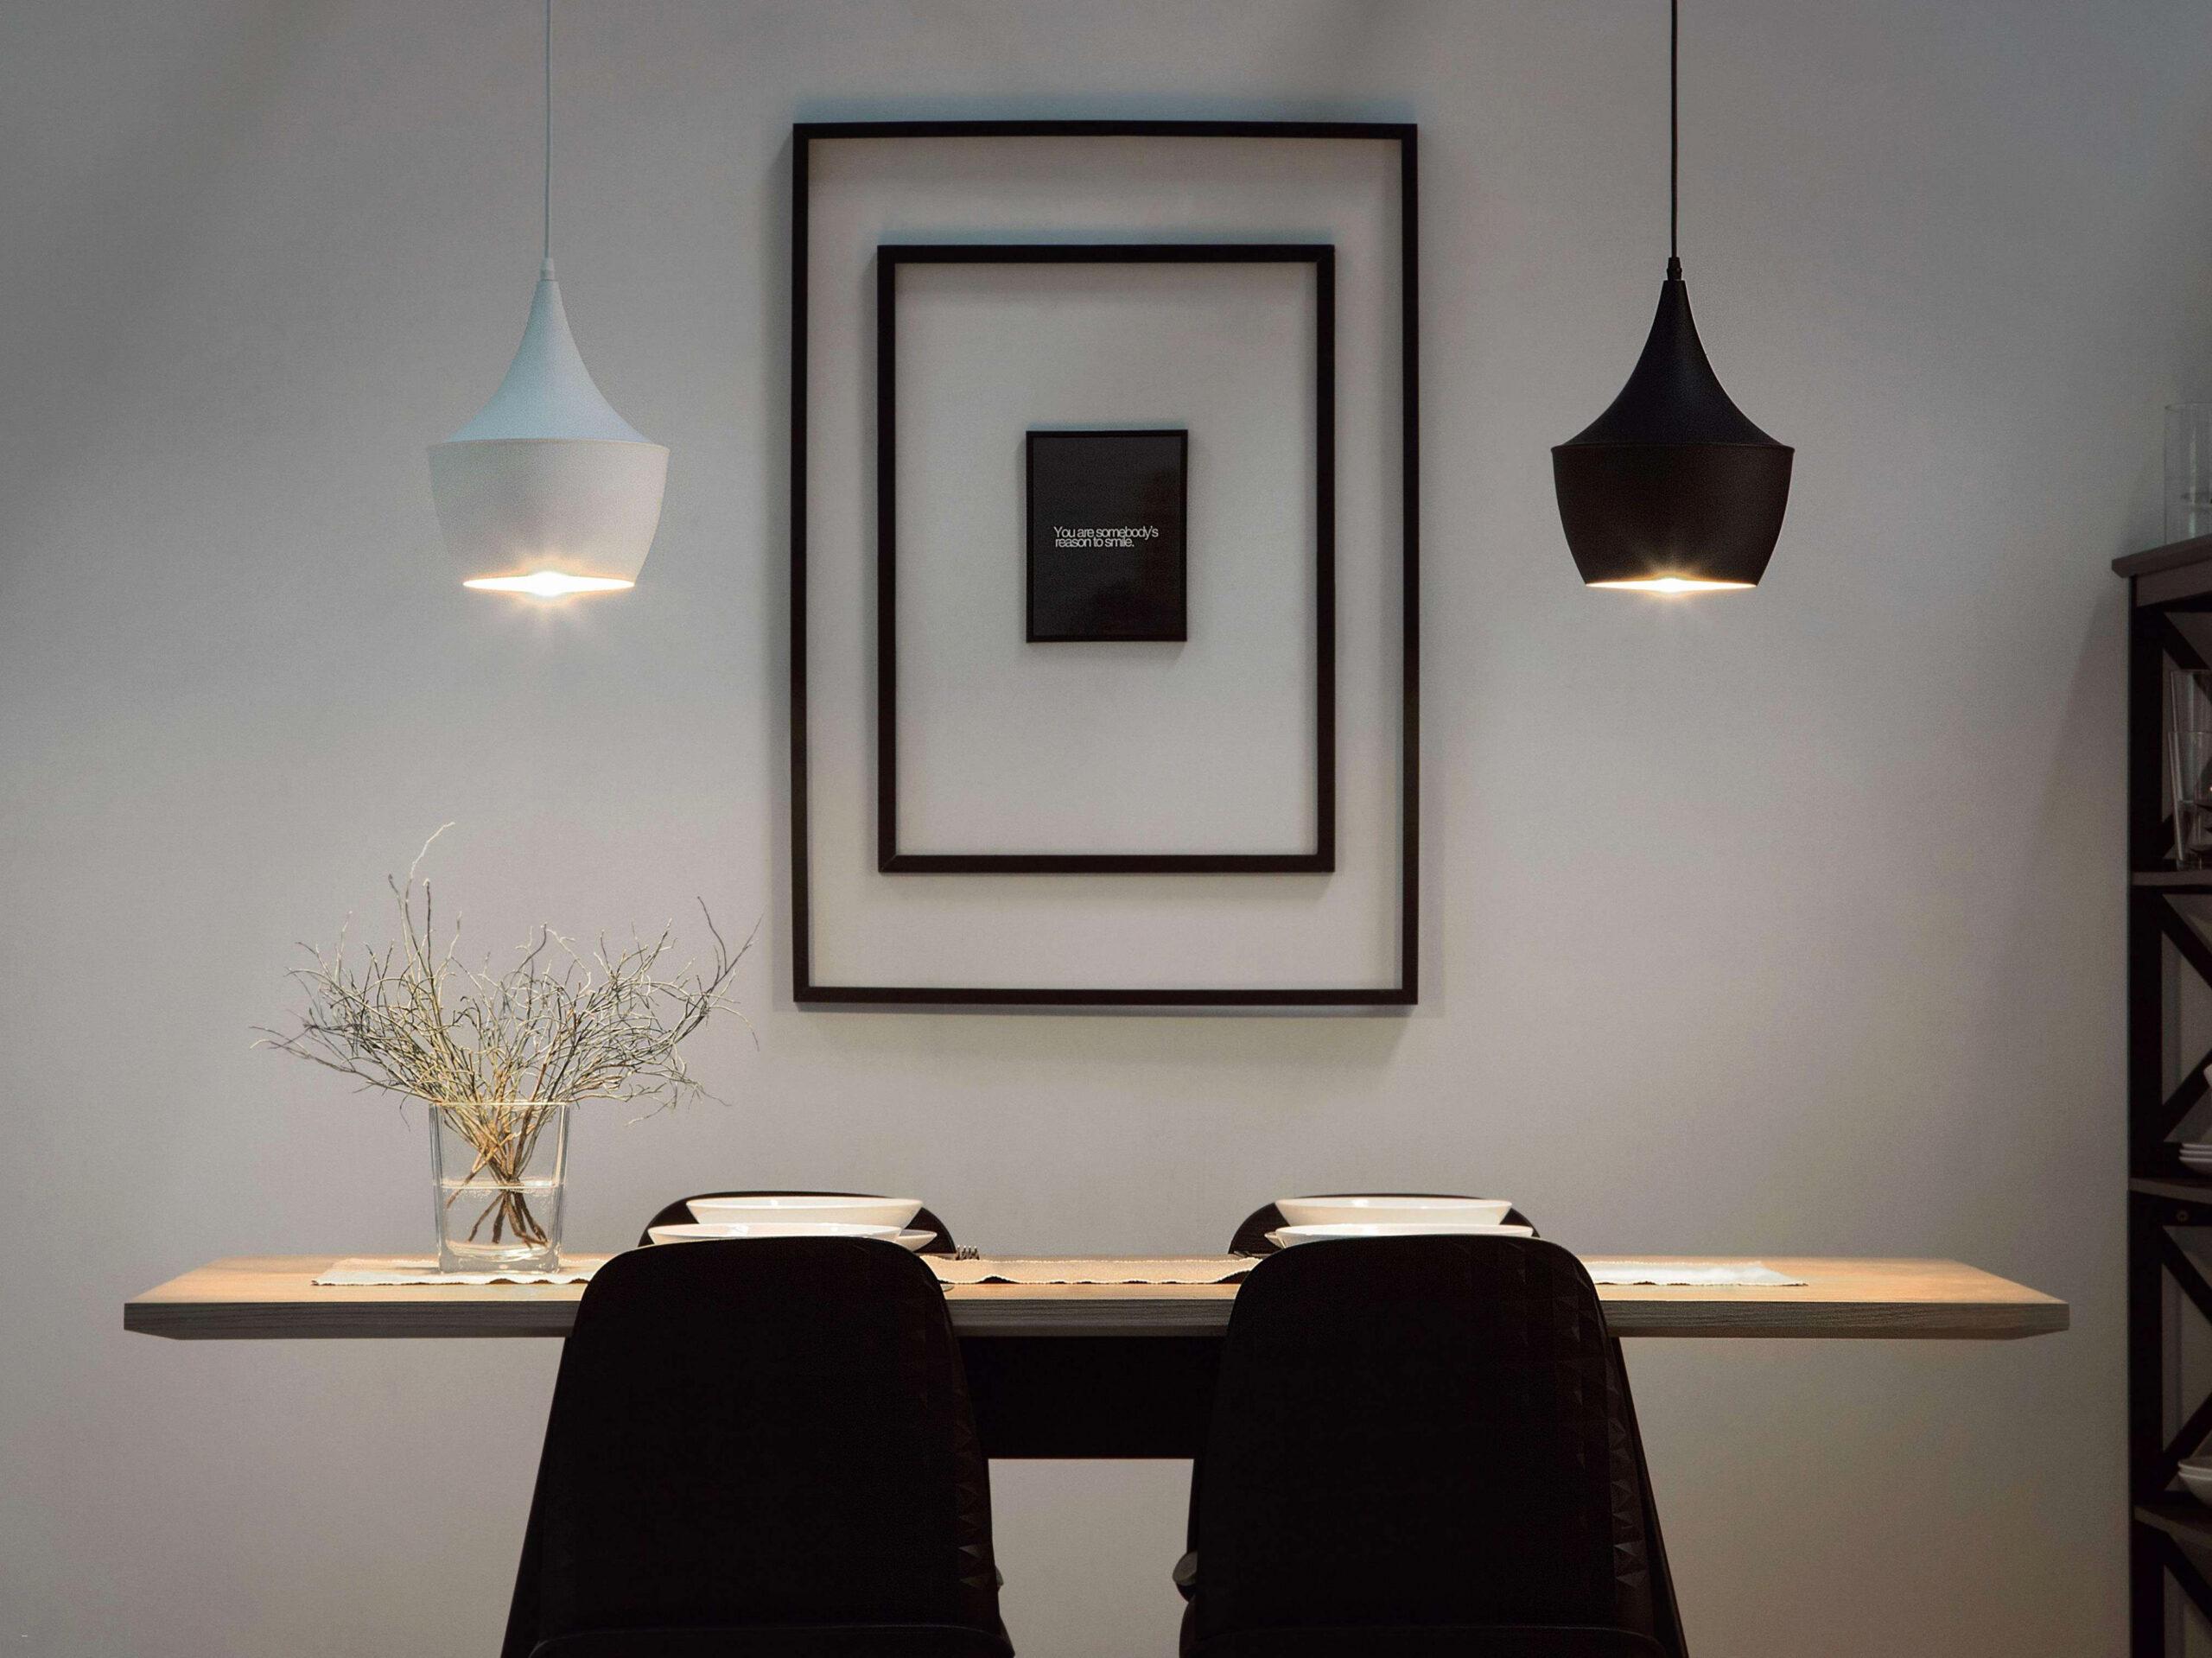 Full Size of Dekoration Wohnzimmer Regal Stehlampen Lampe Sofa Kleines Deckenleuchte Hängeleuchte Teppich Poster Tapeten Schlafzimmer Großes Bild Deckenlampen Für Wohnzimmer Tapeten Wohnzimmer Ideen 2020